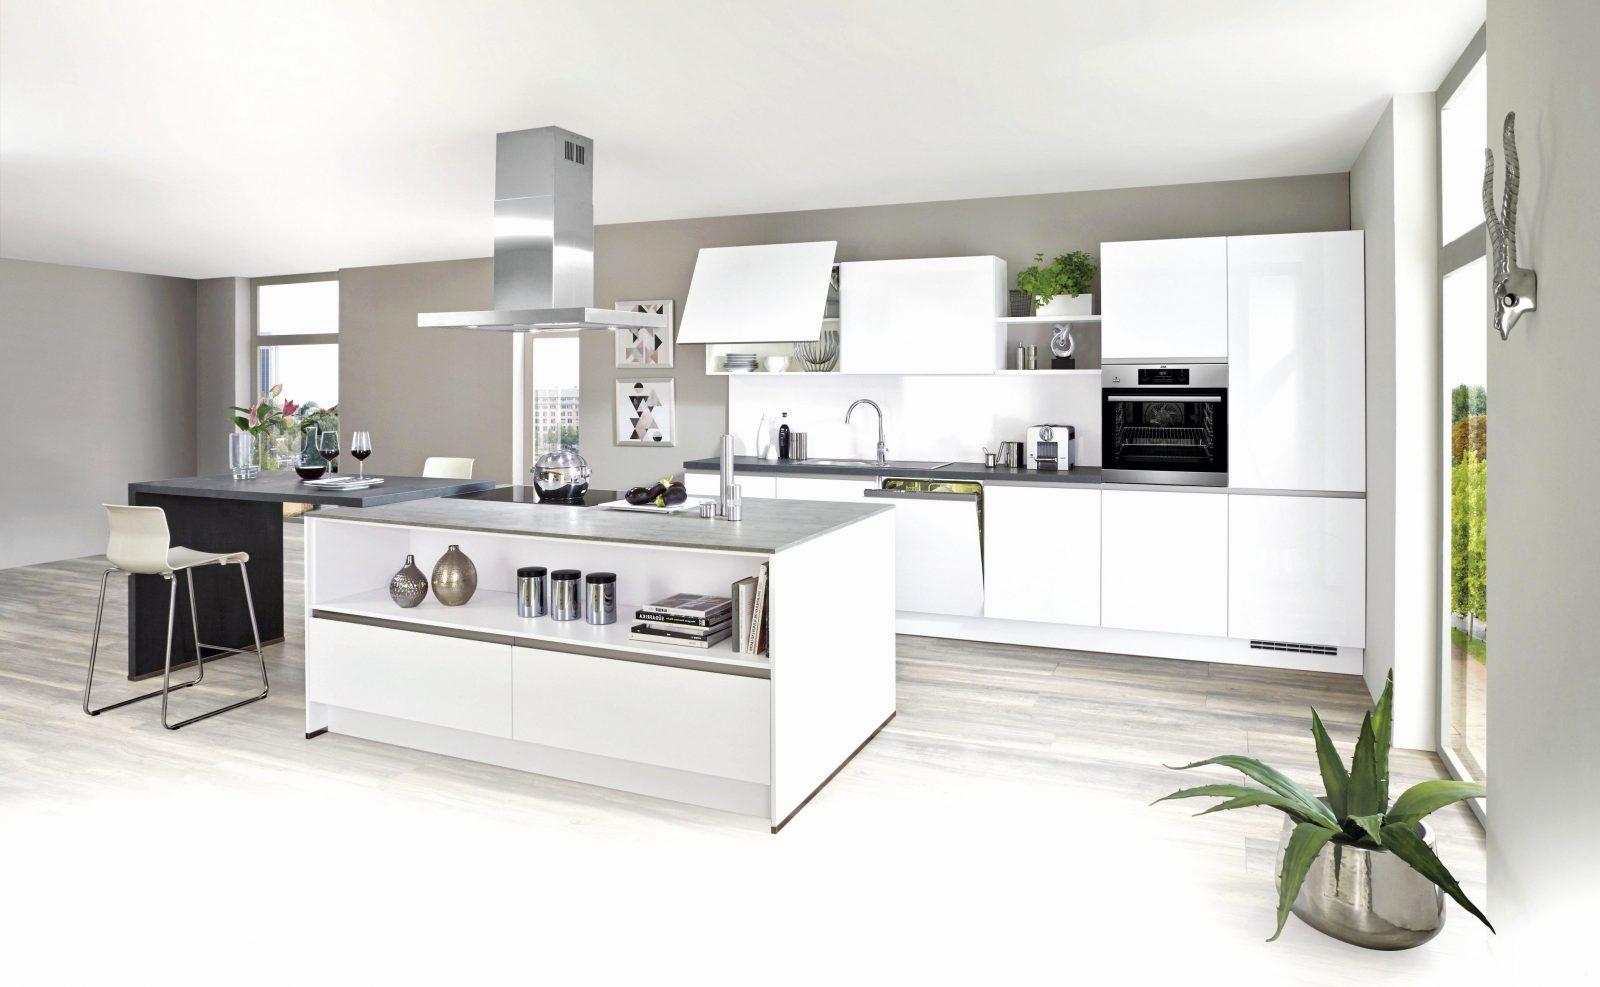 Küche Kochinsel Grundriss Luxus Küche Modern Mit Kochinsel Schön von Luxus Küche Mit Kochinsel Photo